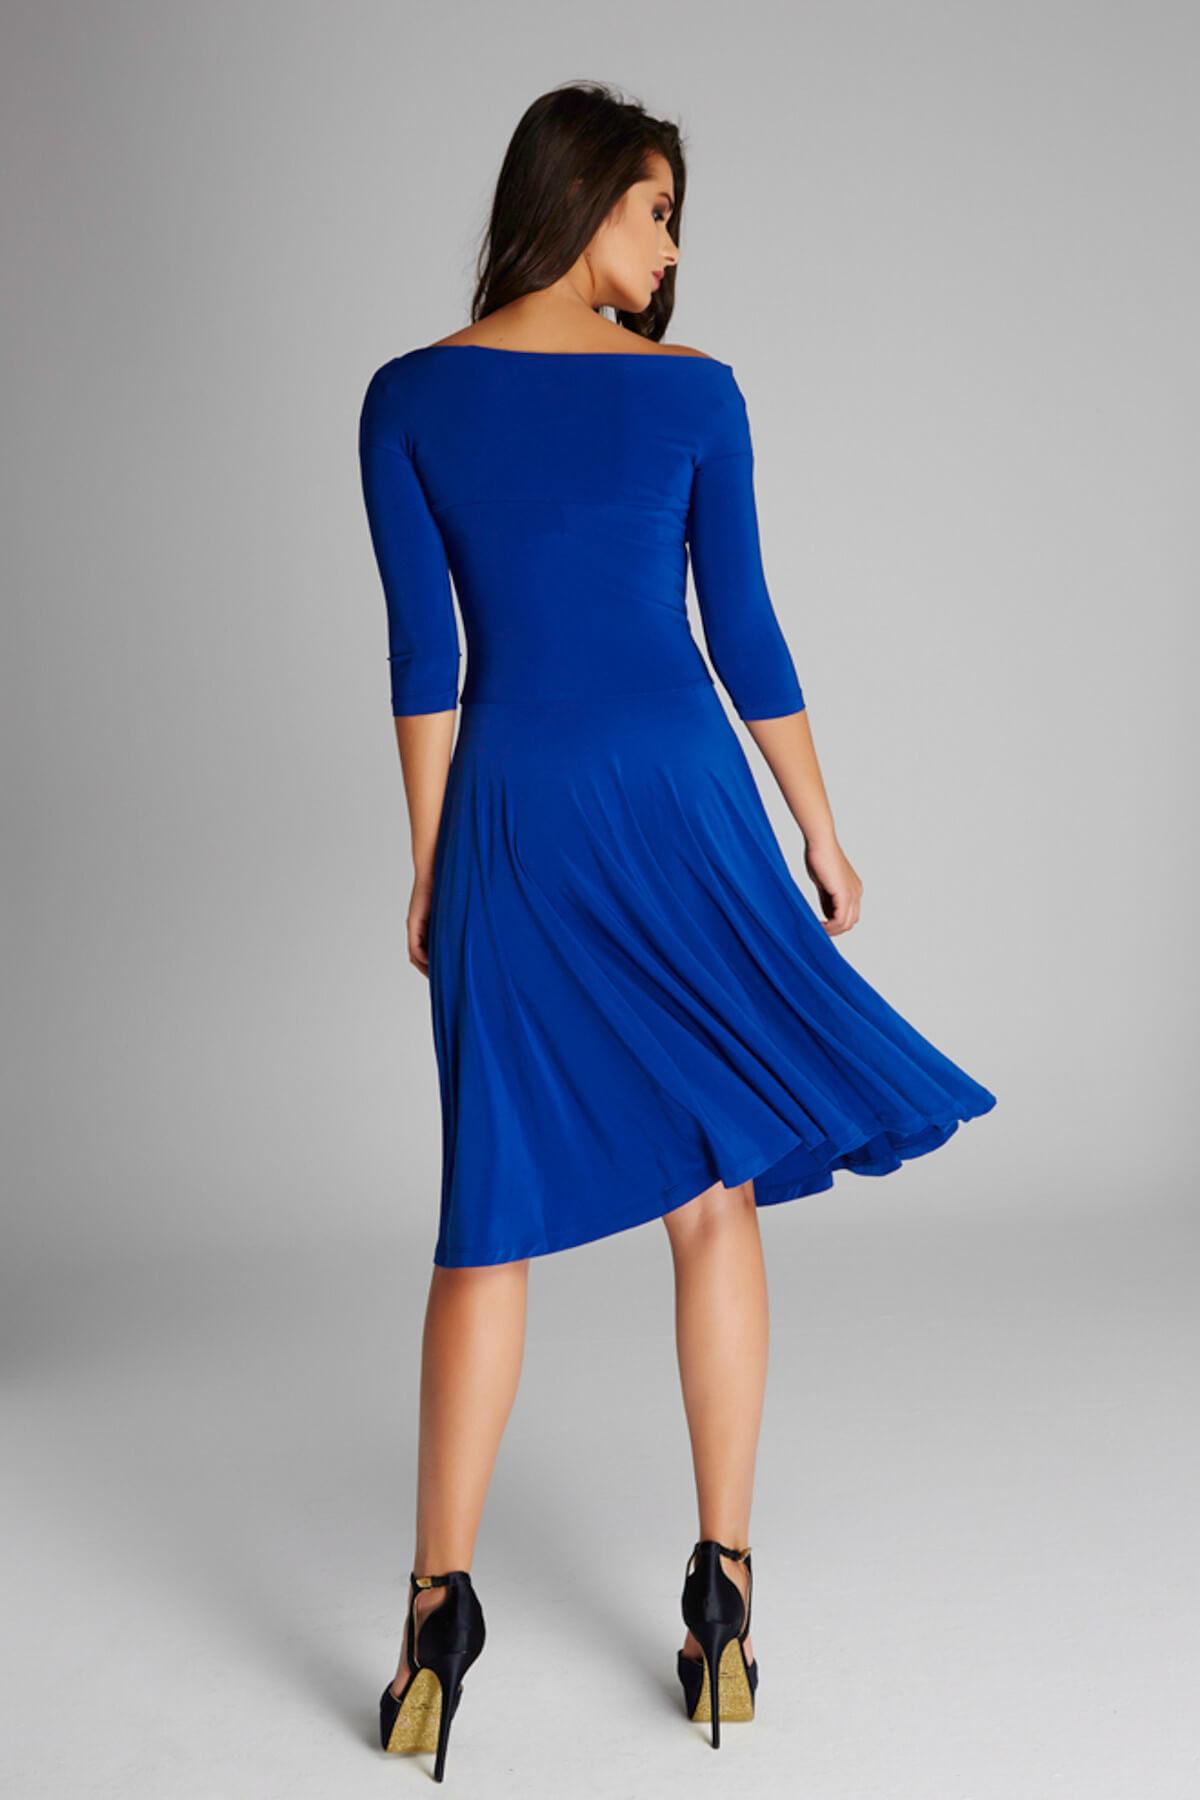 Laranor Kadın Saks Omuz Dekolteli Elbise 13K020-L 2